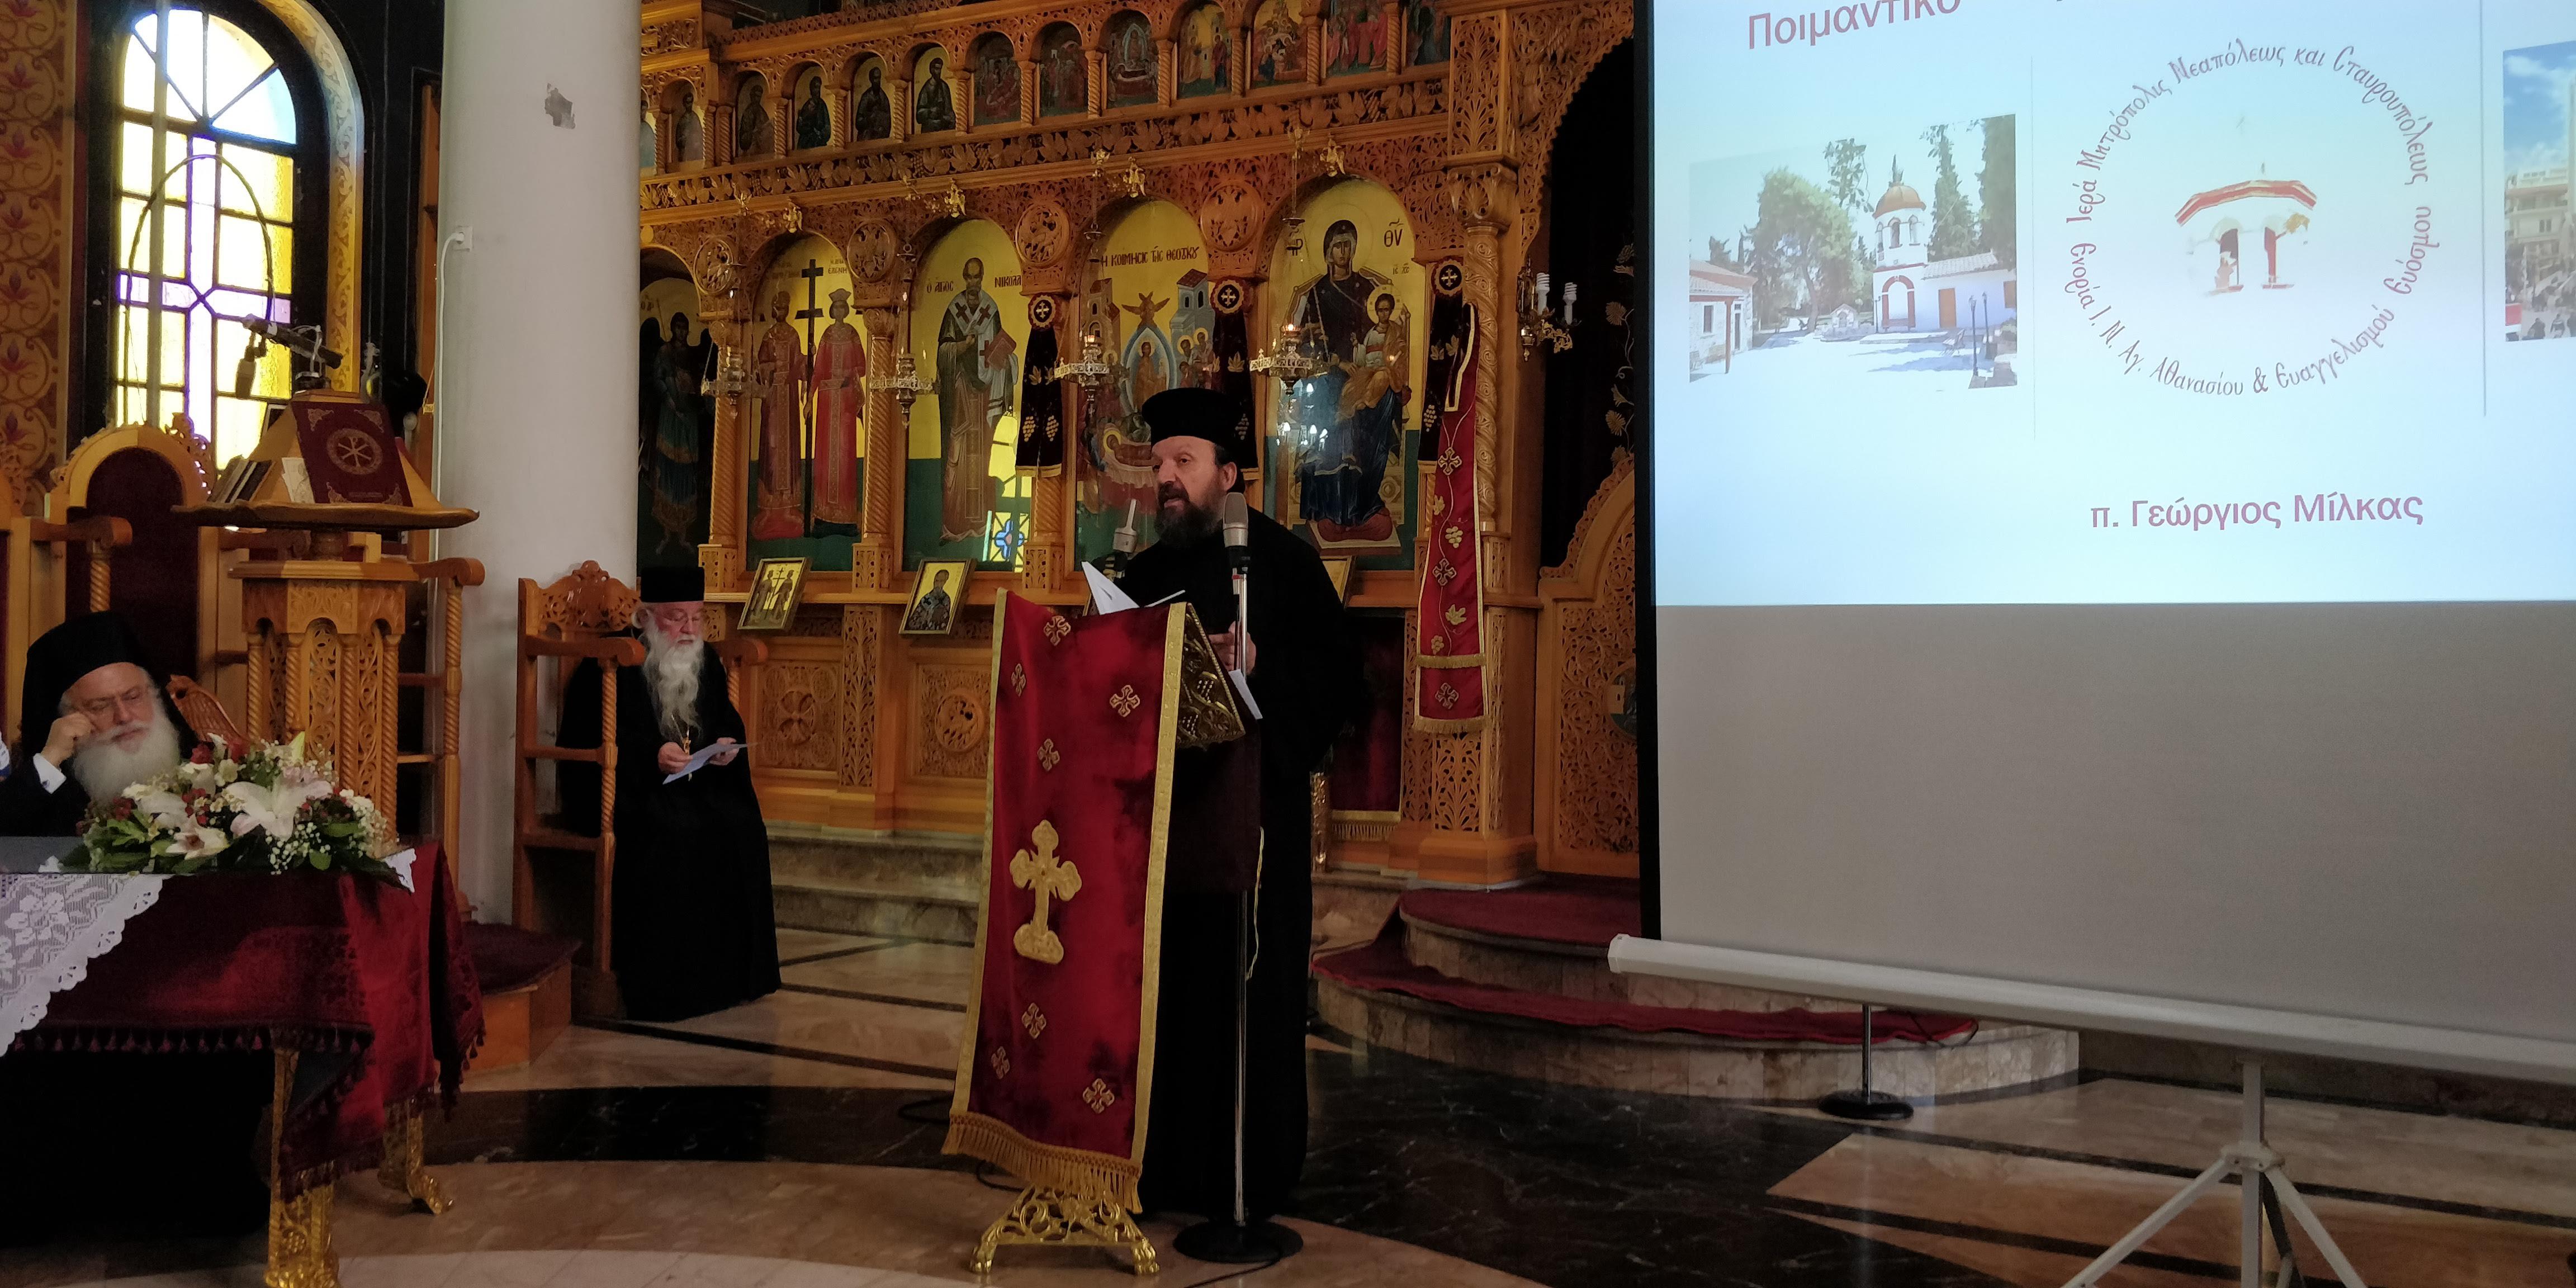 Ο π. Γεώργιος Μίλκας ομιλητής στα ΚΔ΄ Παύλεια